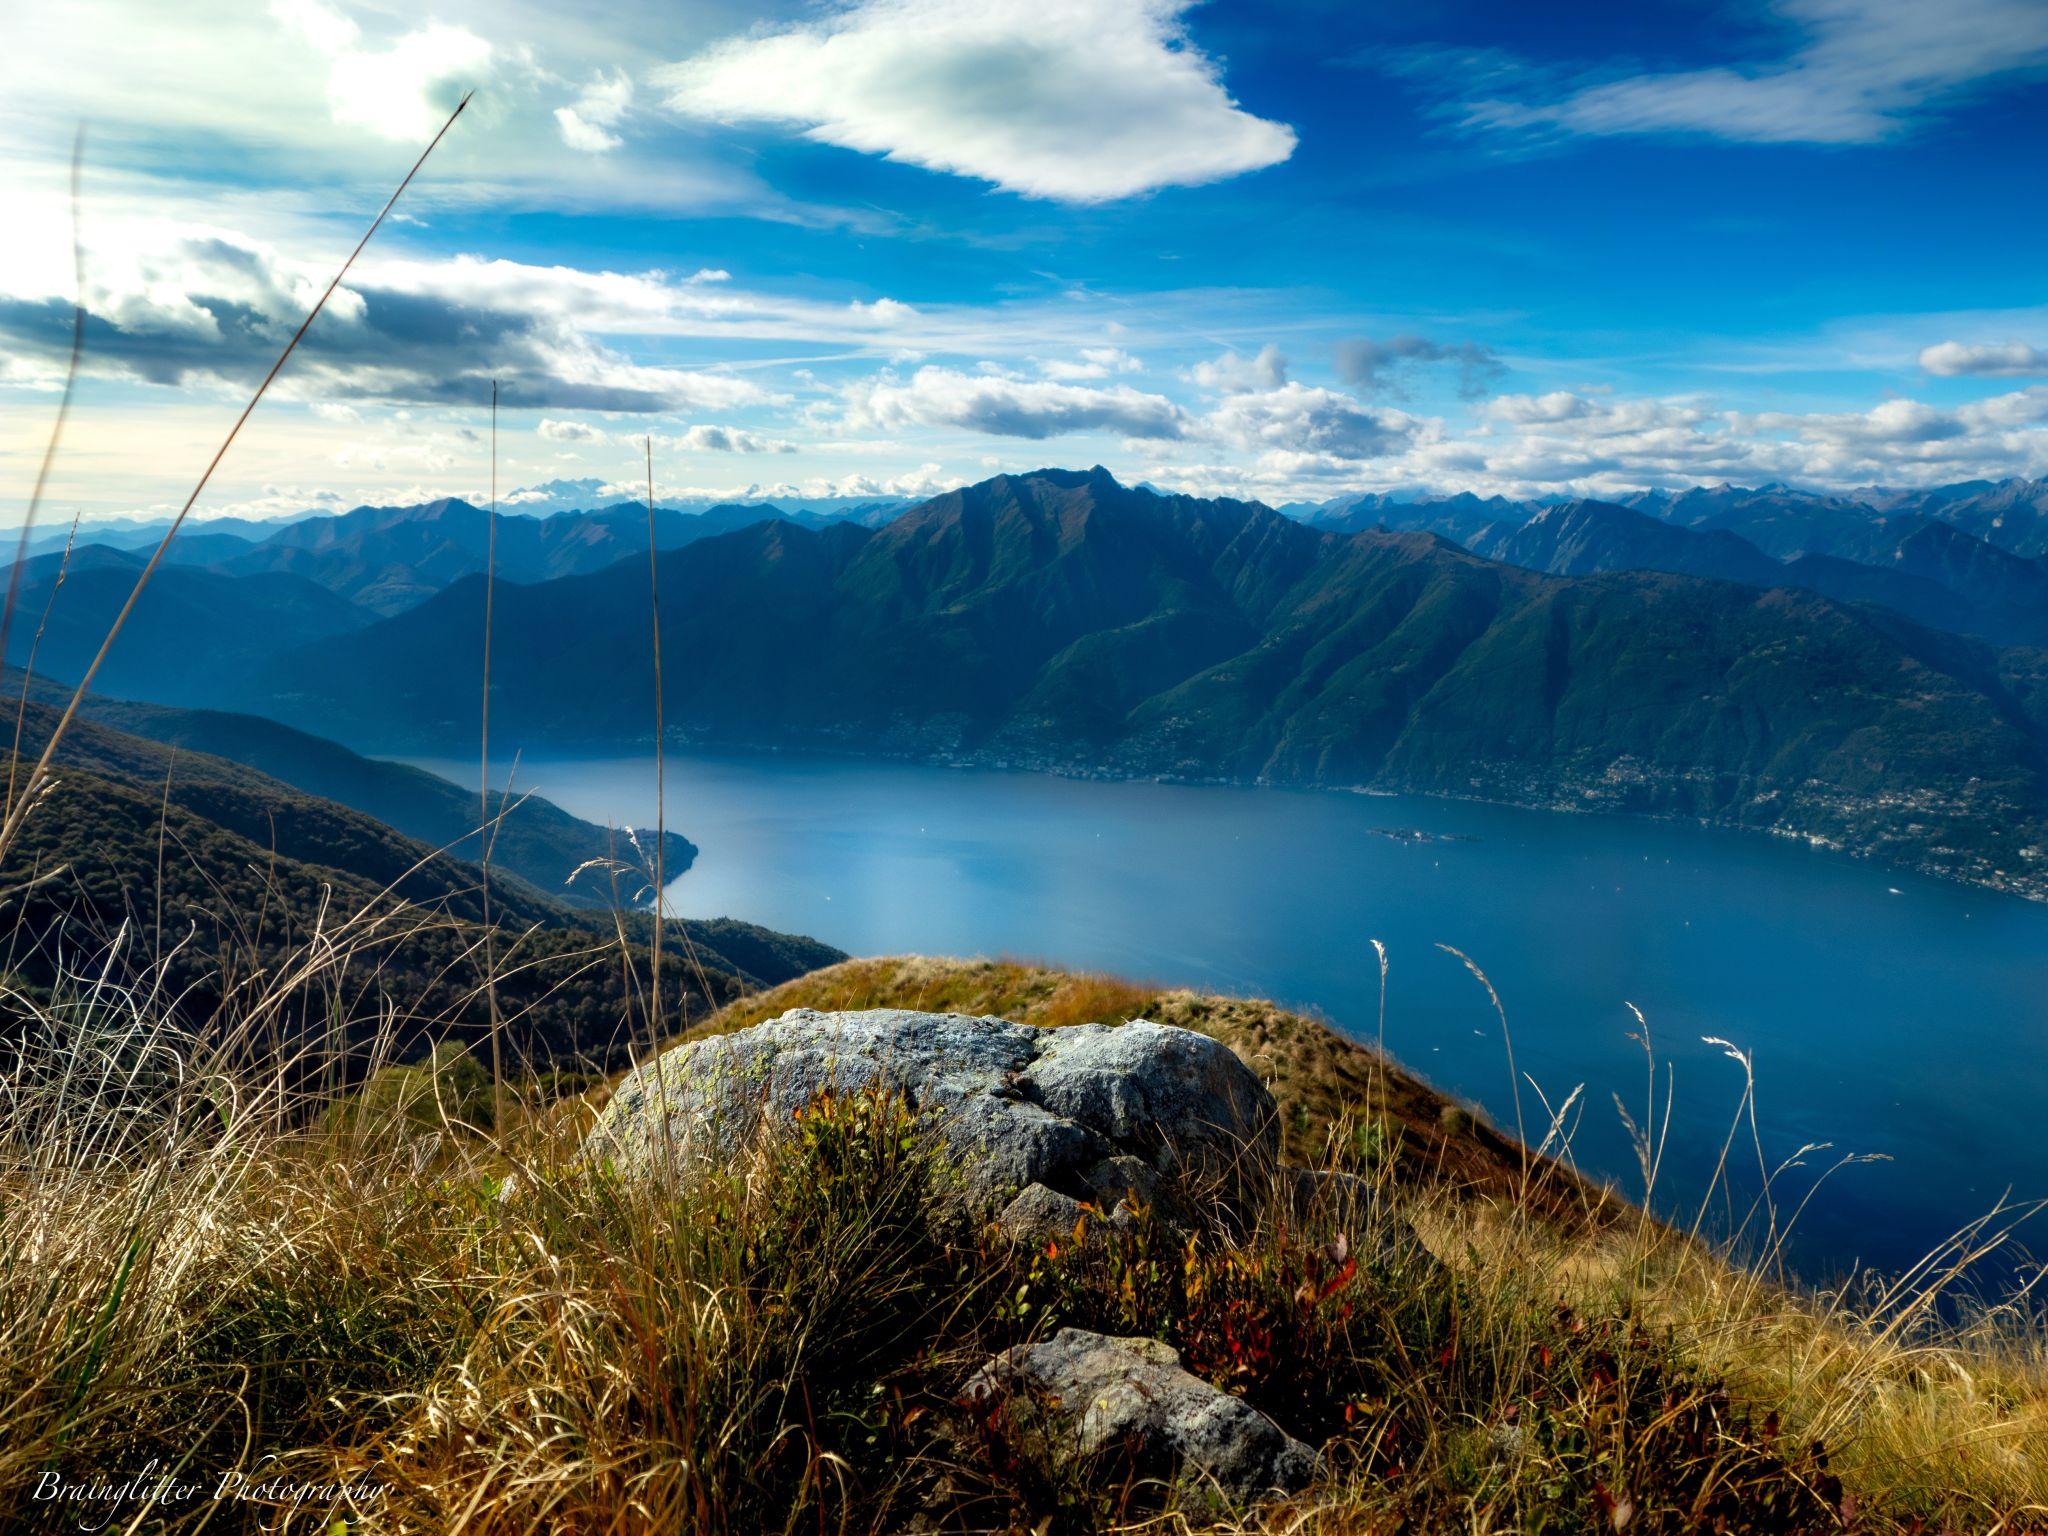 Monte Gambarogno, Switzerland